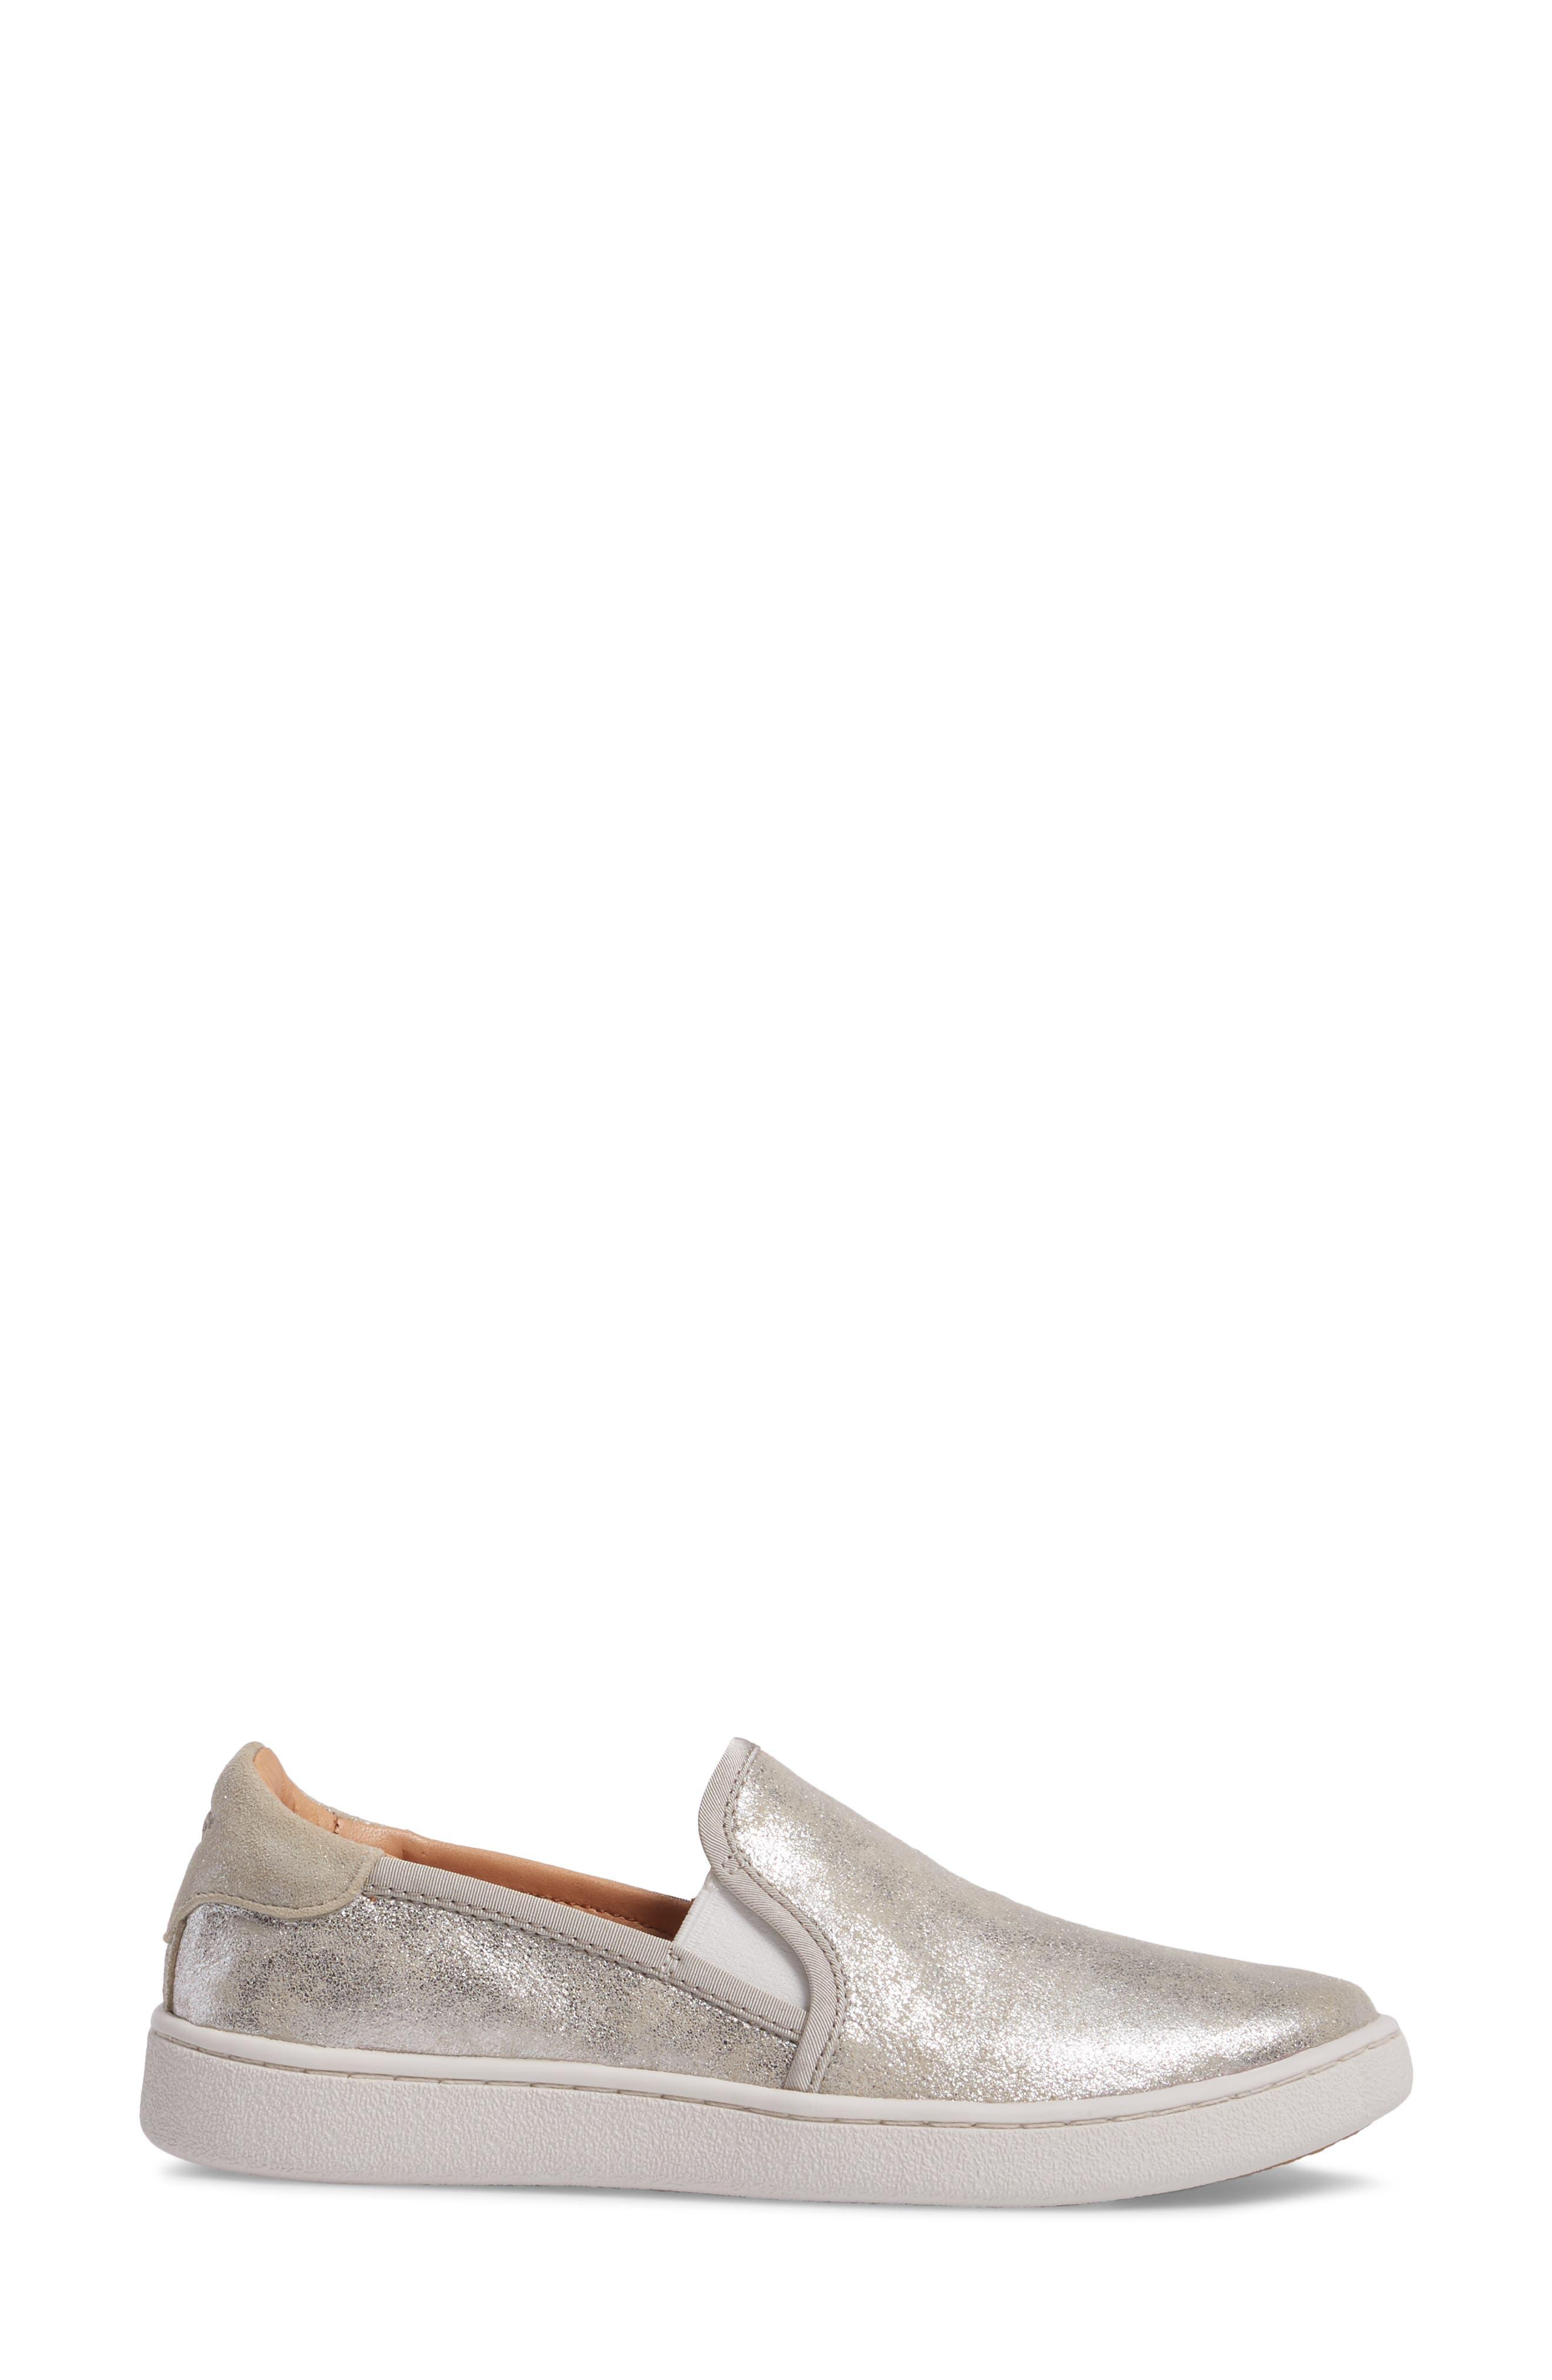 Cas Stardust Slip-On Sneaker,                             Alternate thumbnail 3, color,                             040